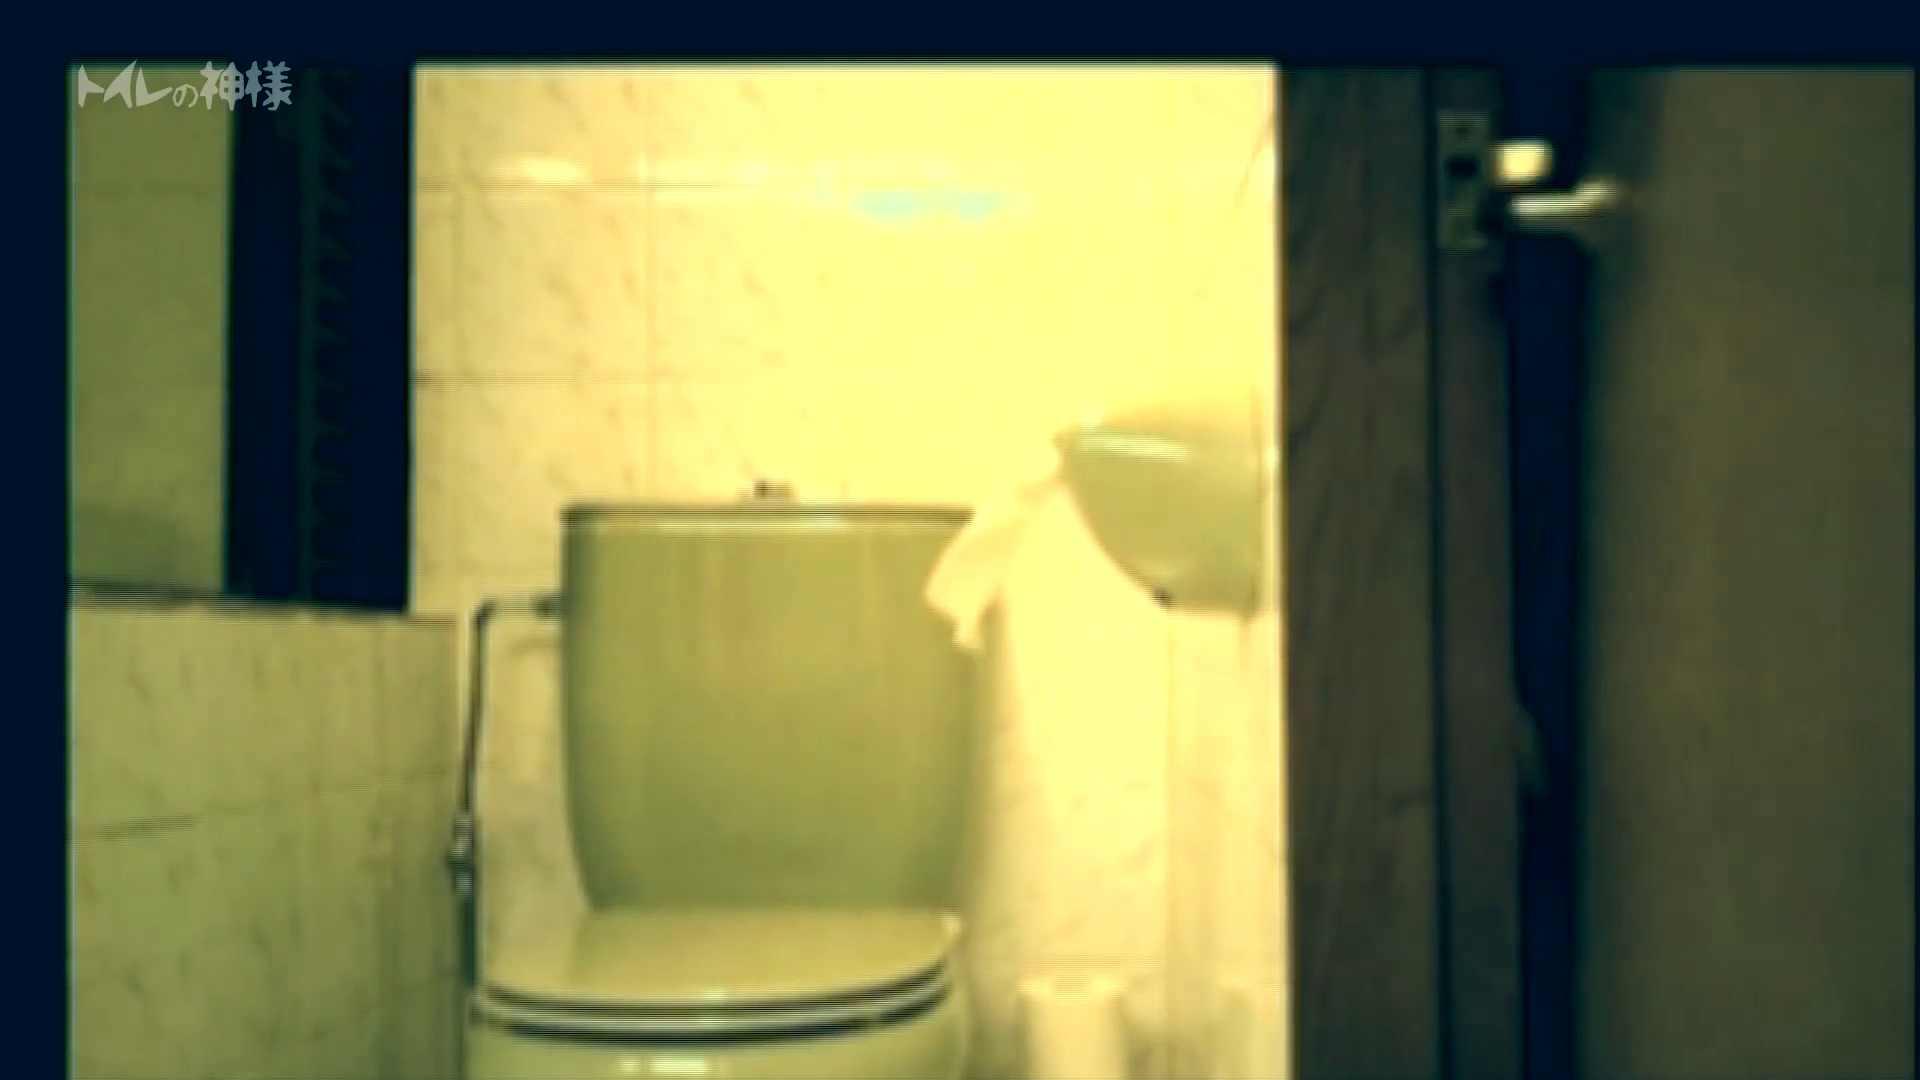 トイレの神様 Vol.01 花の女子大生うんこ盗撮1 エッチな盗撮 女性器鑑賞 96pic 45